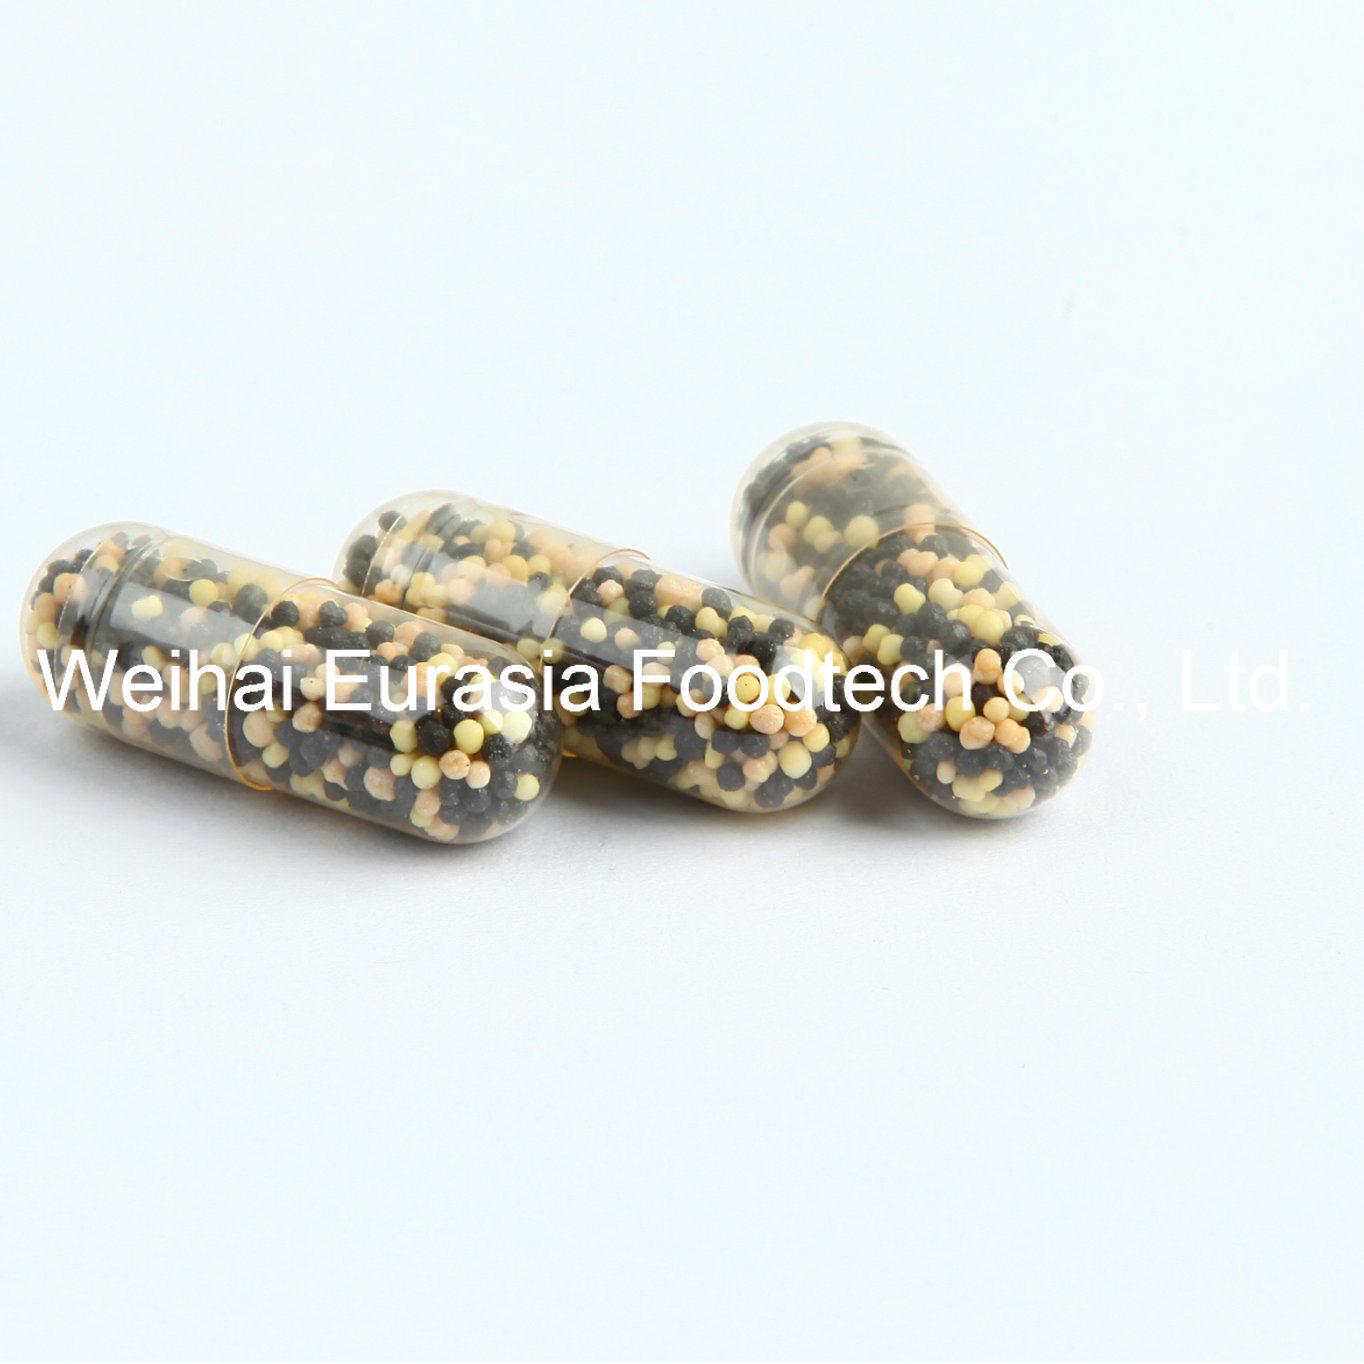 Ferrous Sulfate Sustained-Release Capsules